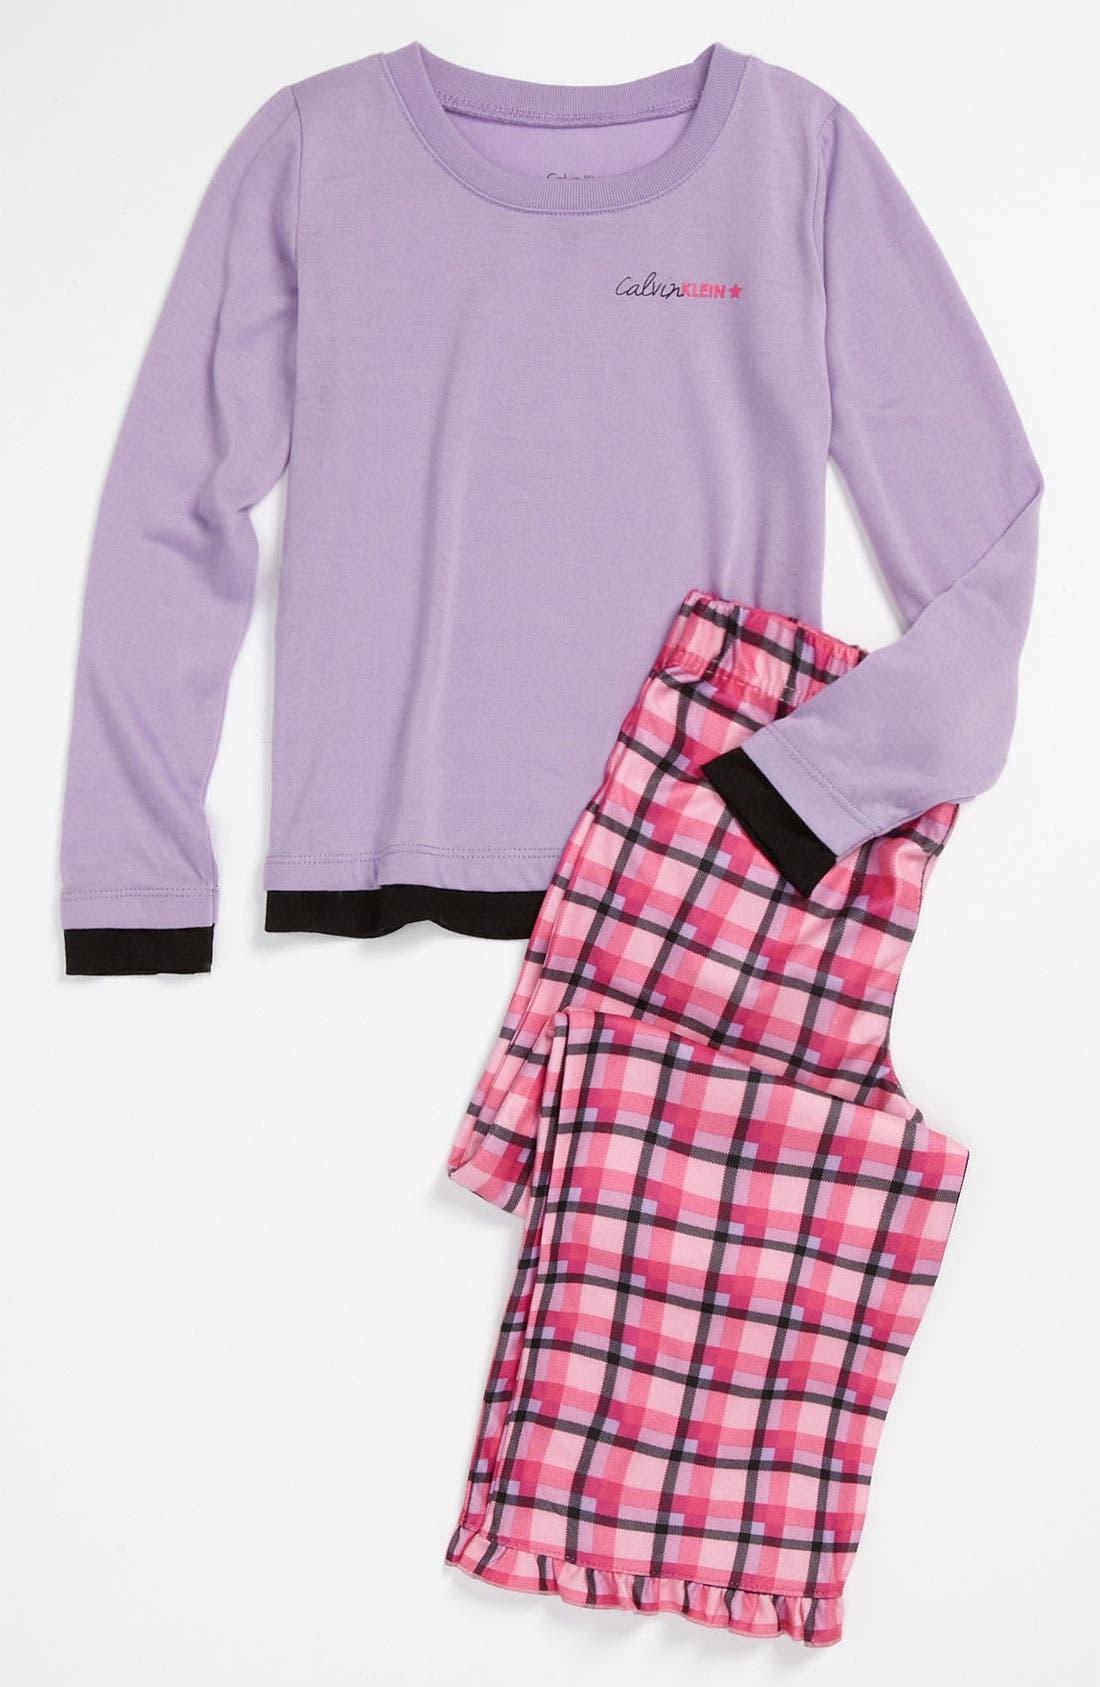 Main Image - Calvin Klein Knit Top & Plush Pants (Little Girls & Big Girls)